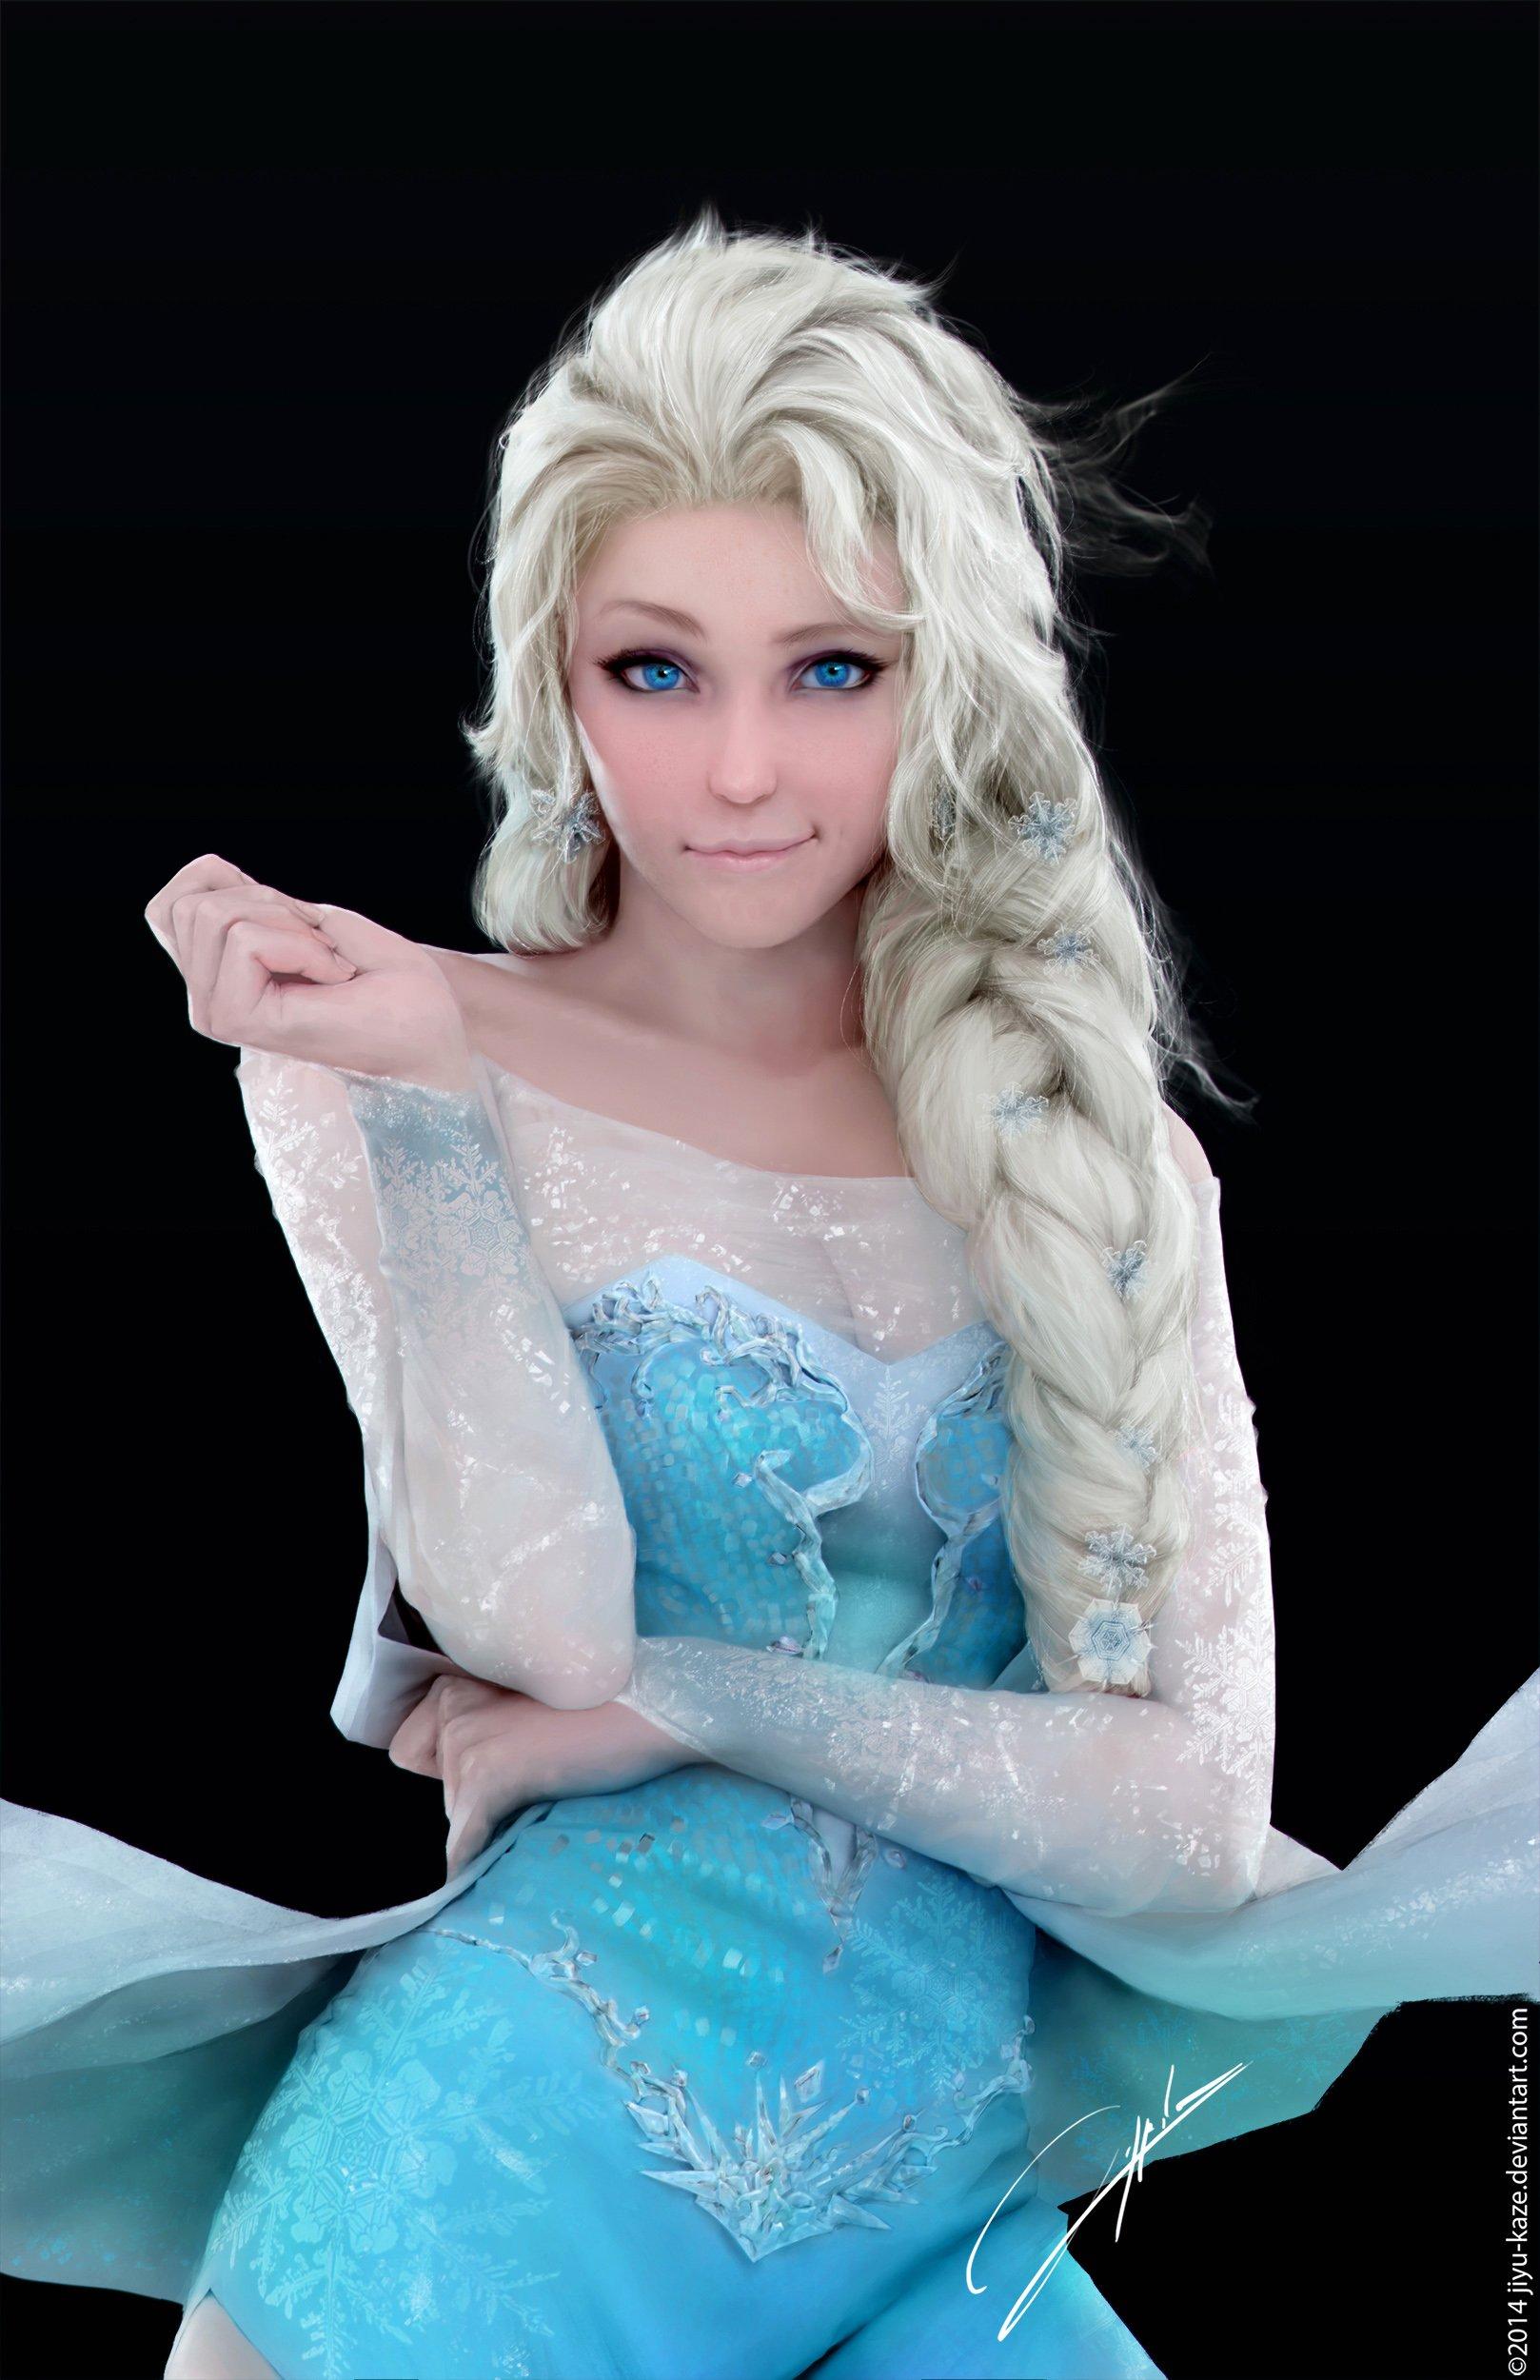 """Принцессу из """"Холодного сердца"""" потребовали сделать лесбиянкой!. - Изображение 1"""